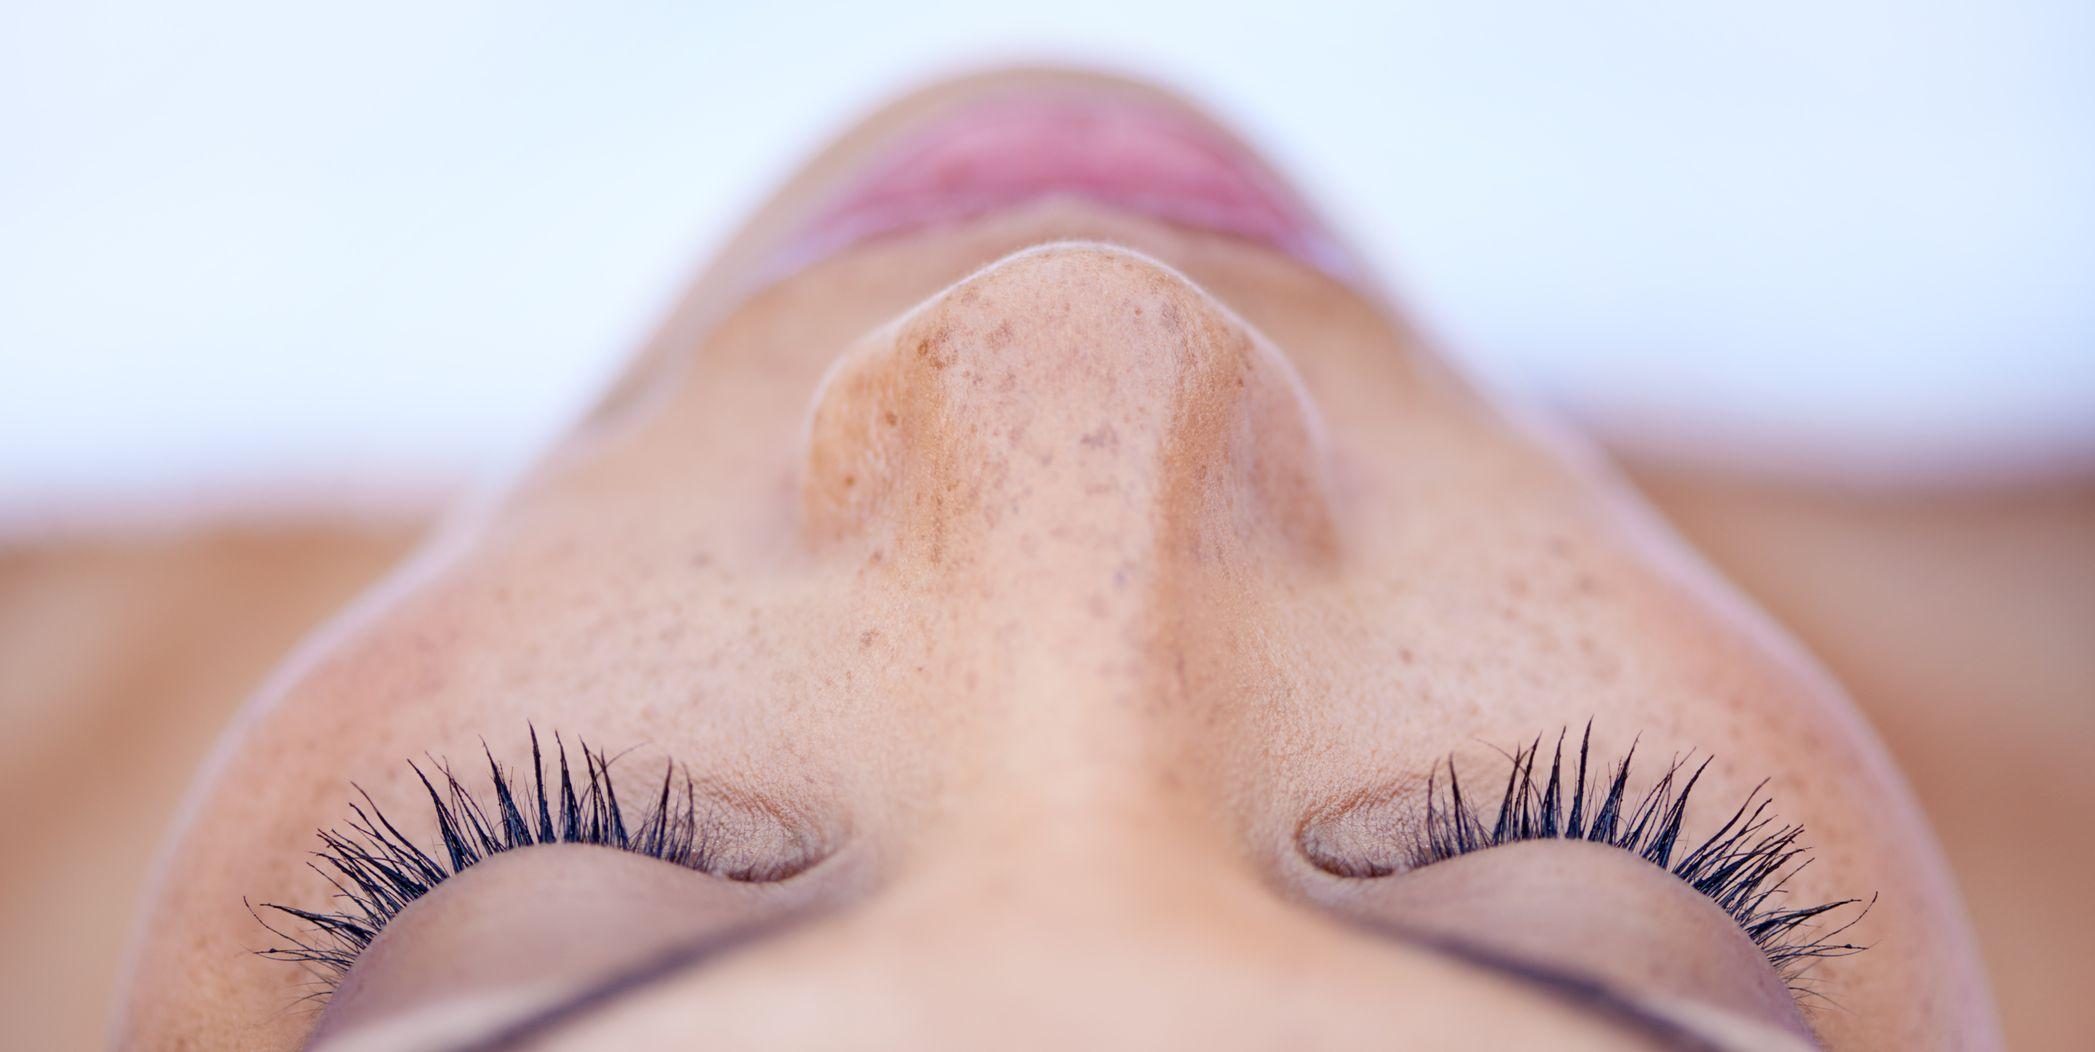 Woman face skin closeup